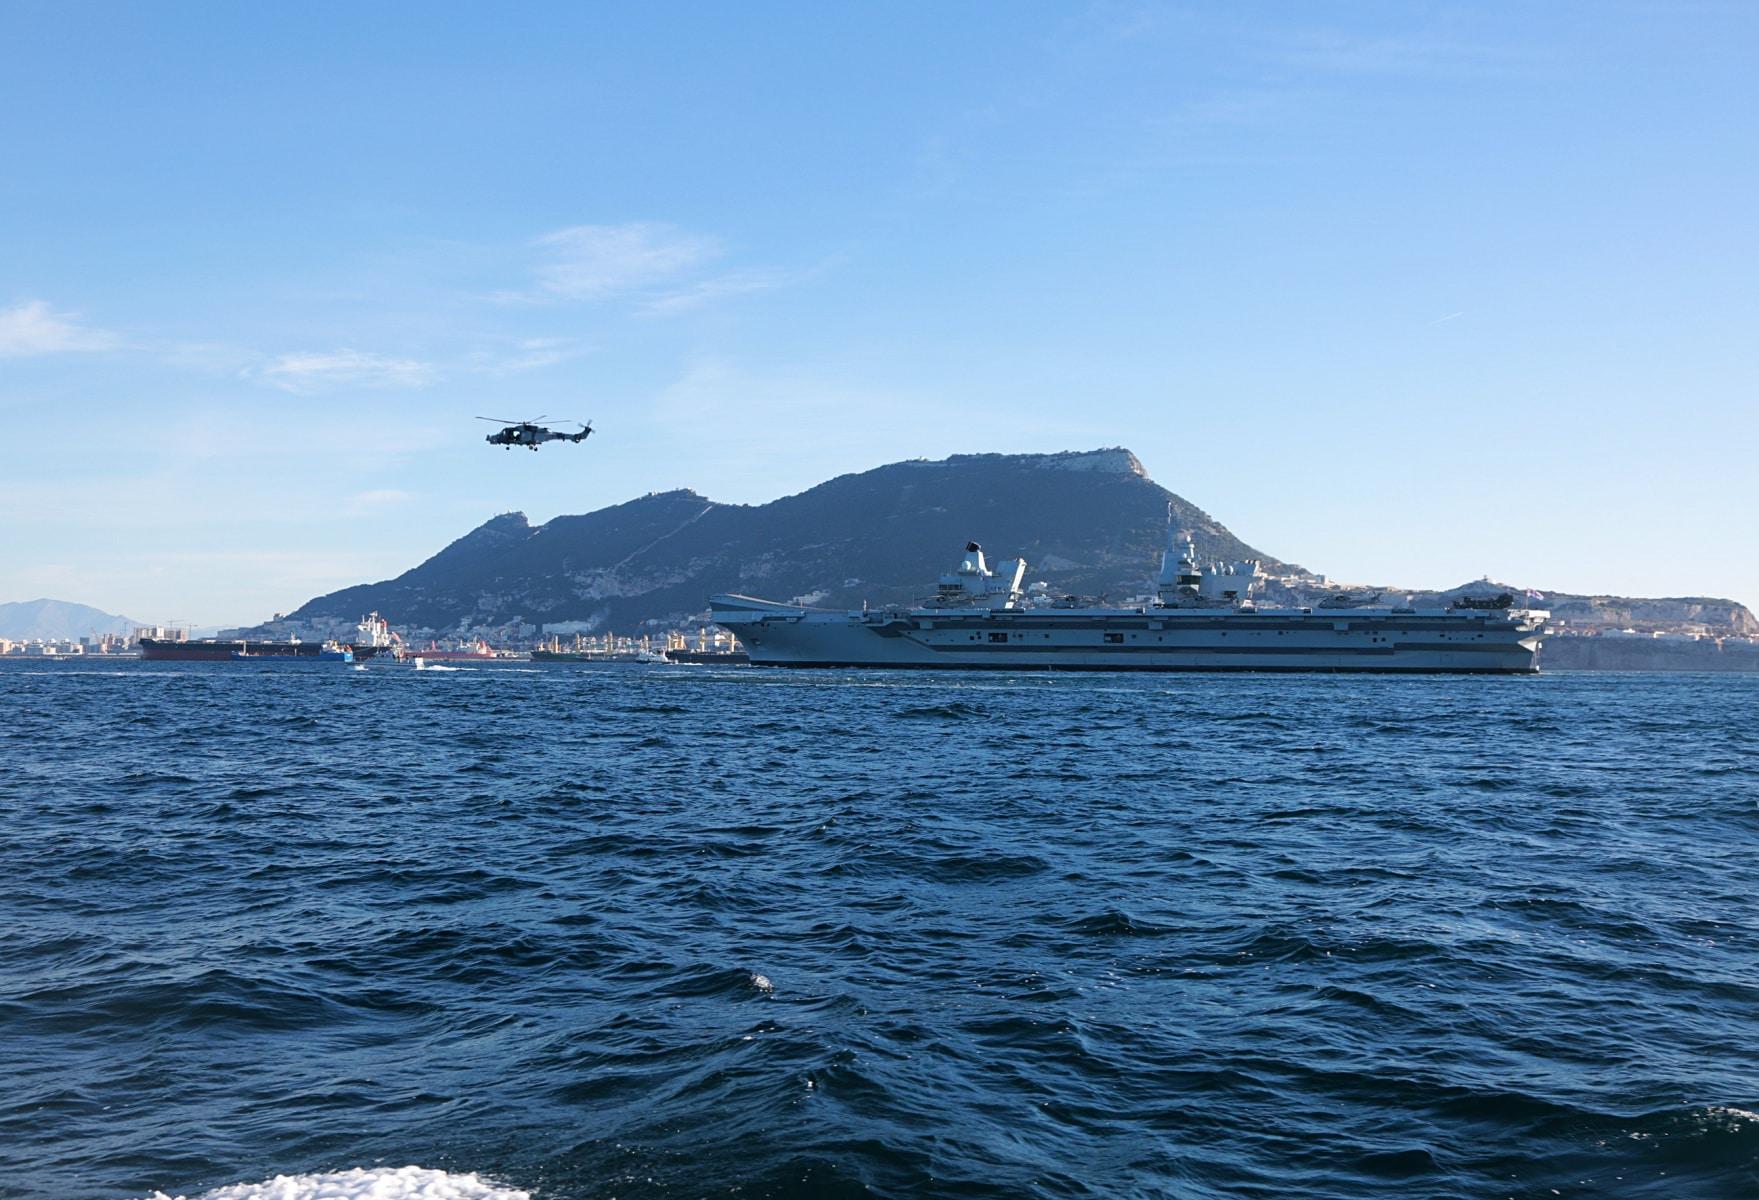 portaaviones-hms-queen-elizabeth-llegando-a-gibraltar-imagen-tomada-desde-uno-de-los-buques-de-apoyo-via-royal-navy-25_40133915122_o